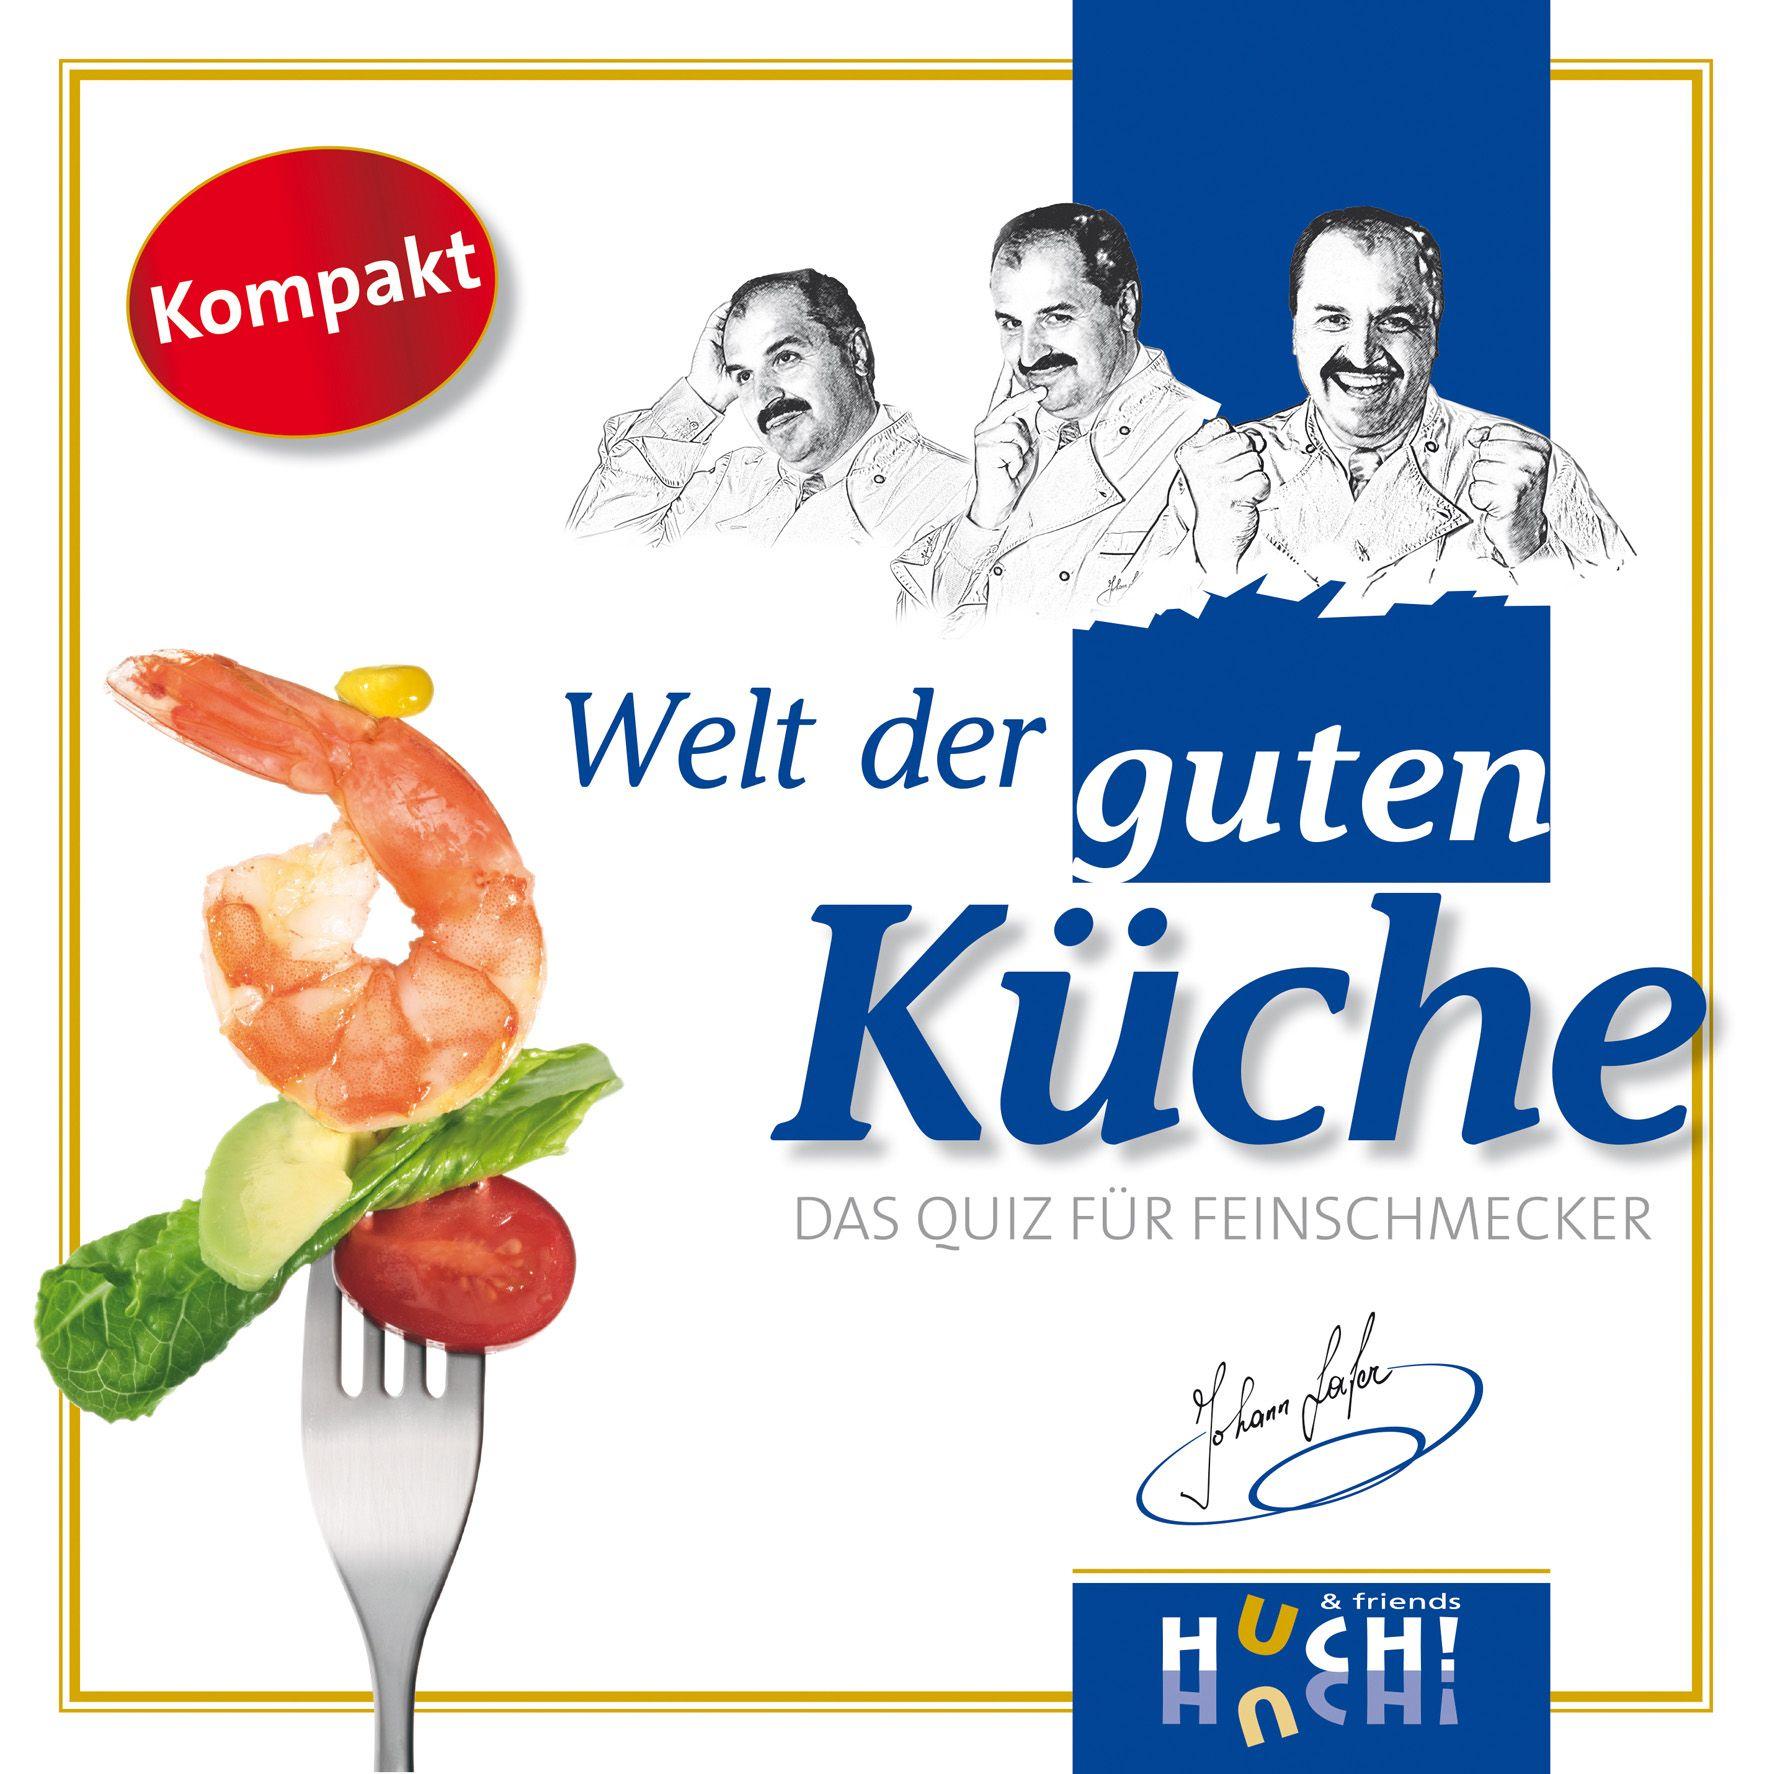 HUCH FRIENDS Huch! & friends Quizspiel, »Welt der guten Küche kompakt«